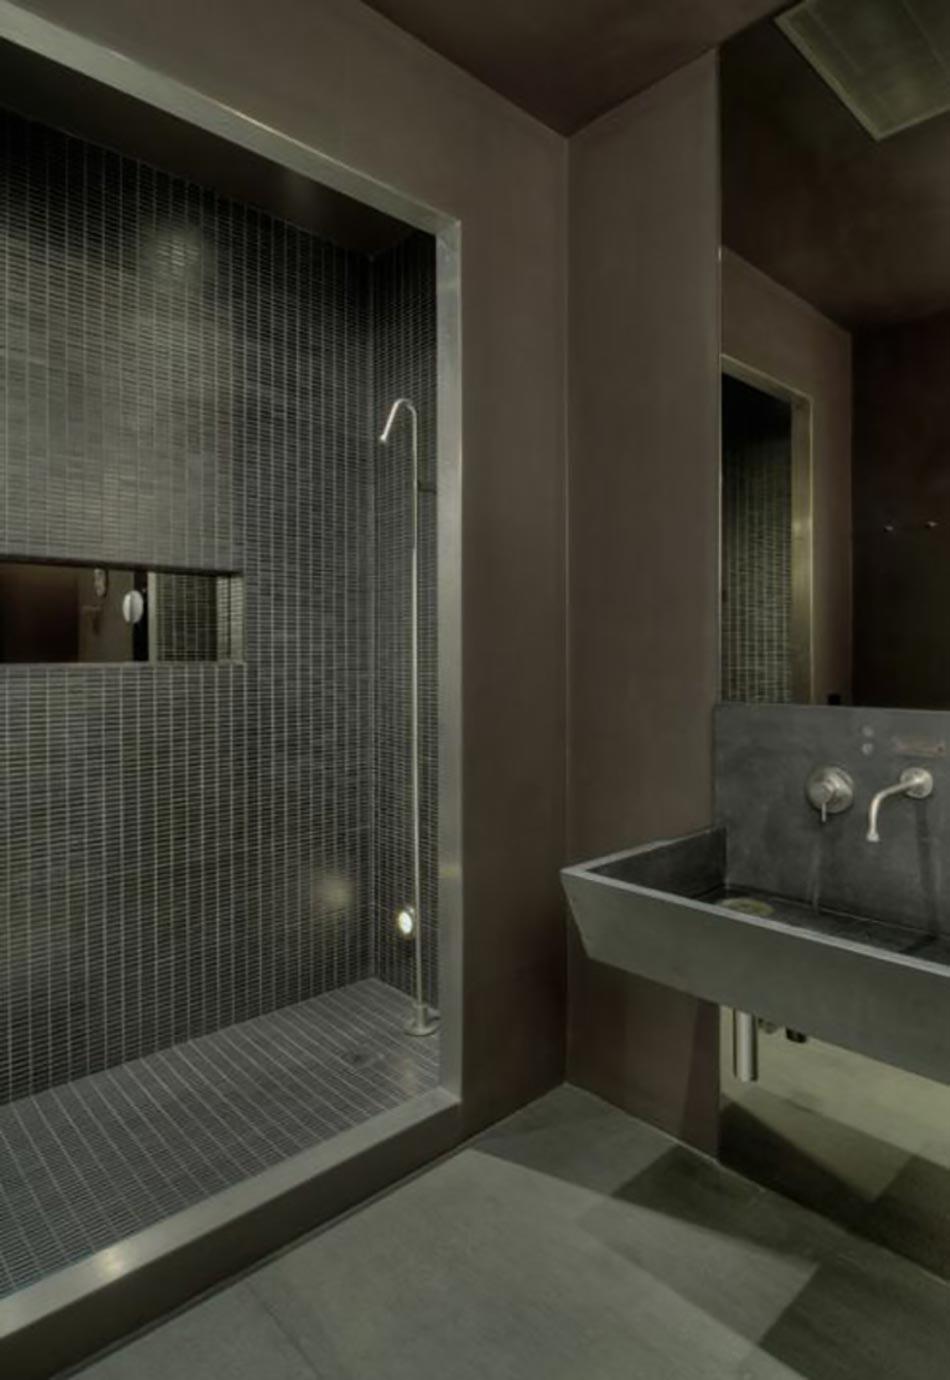 Salle De Bain Douche Et Baignoire Leroy Merlin ~ 16 Id Es B Ton Pour Des Salles De Bain Design